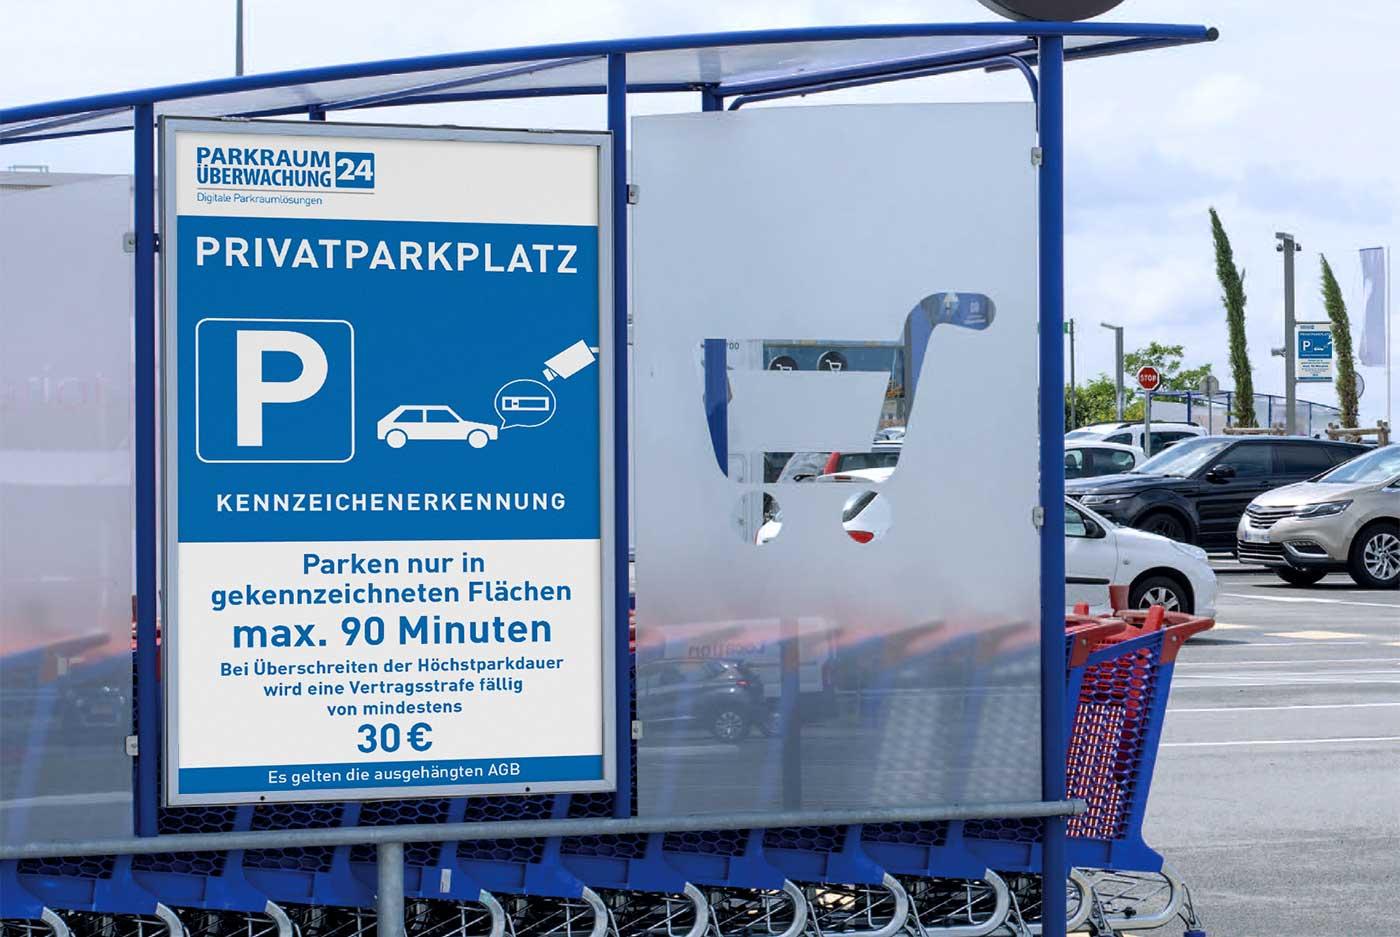 Privatparkplatz mit Kennzeichenerkennung von Parkraumüberwachung24